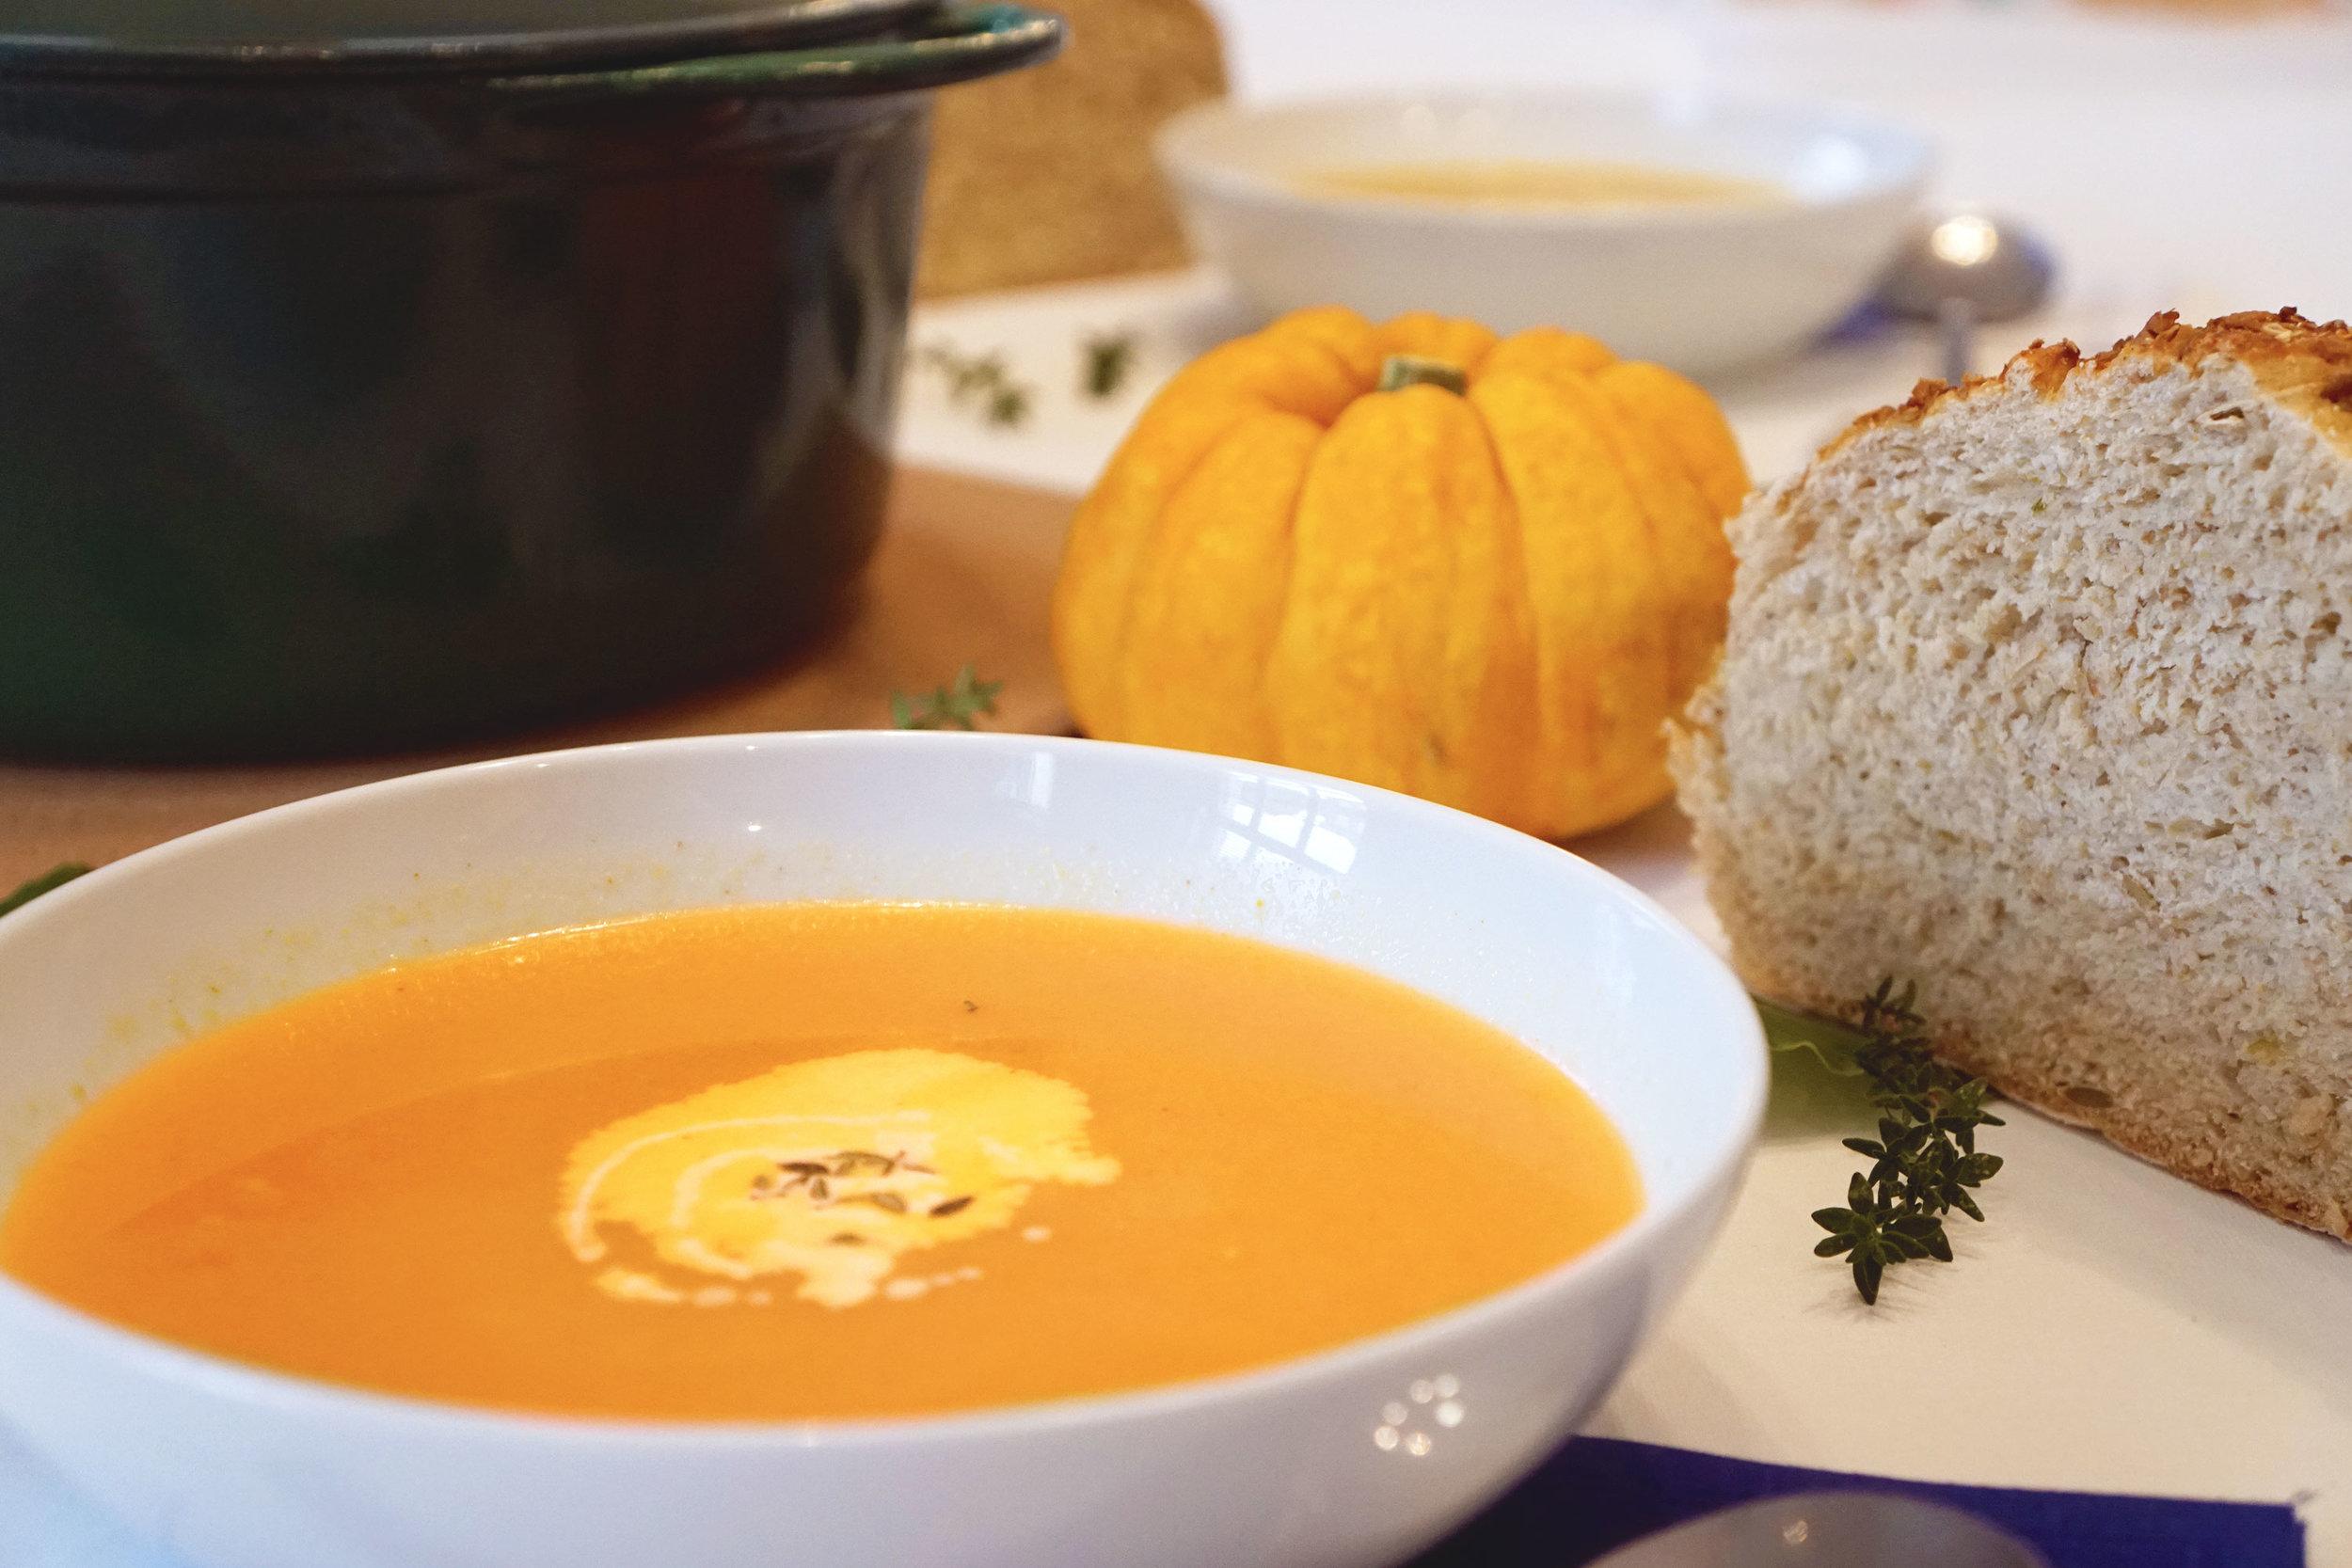 discover-deal-autumn-pumpkin-recipe-soup-2.jpg